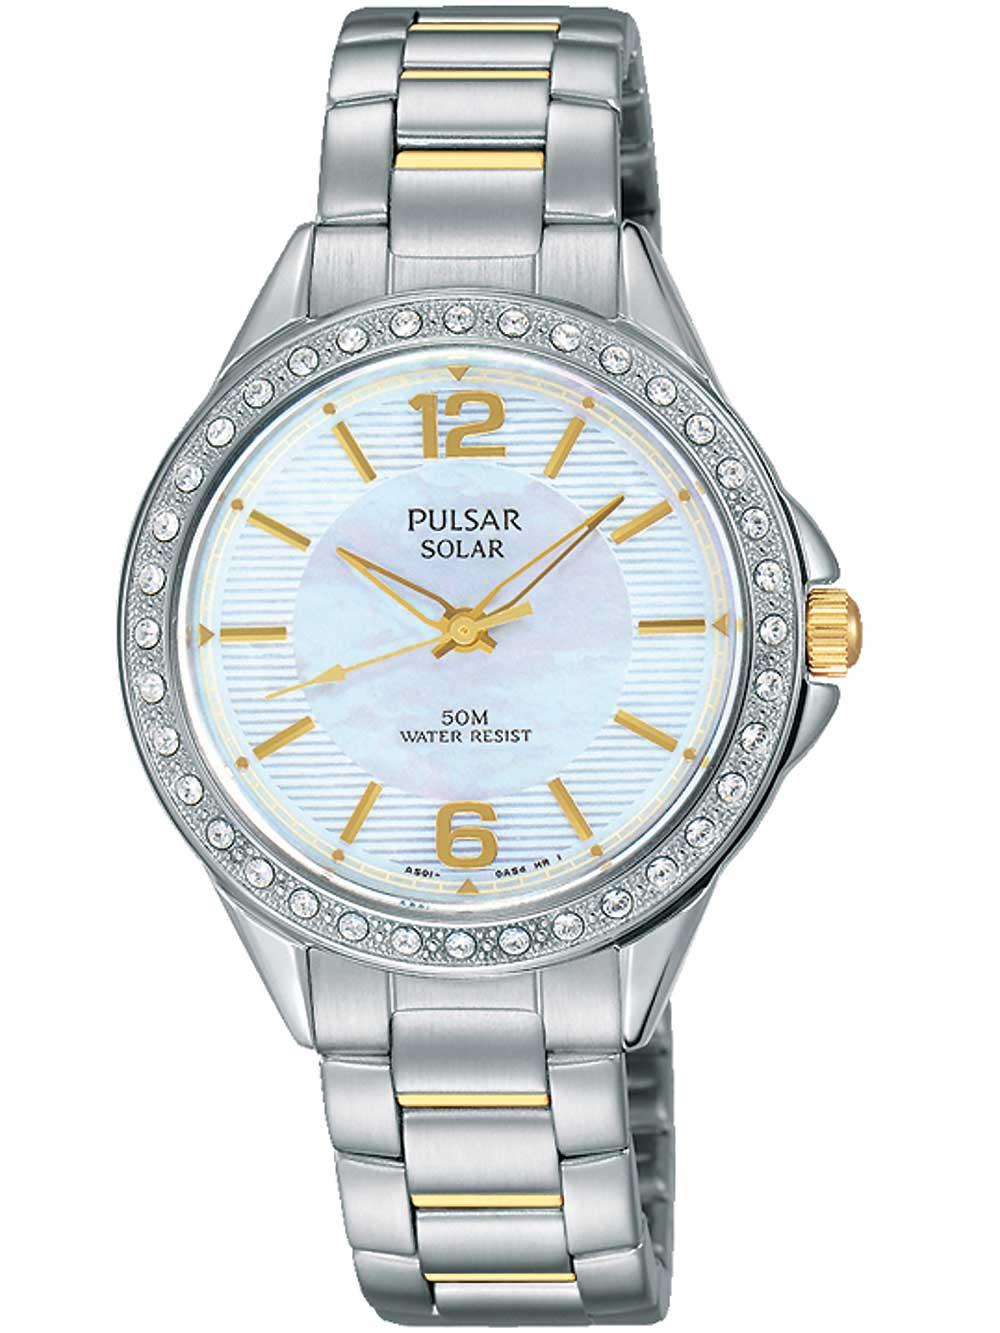 Pulsar PY5011X1 Solaruhr Damen mit Swarovski 32mm 5ATM